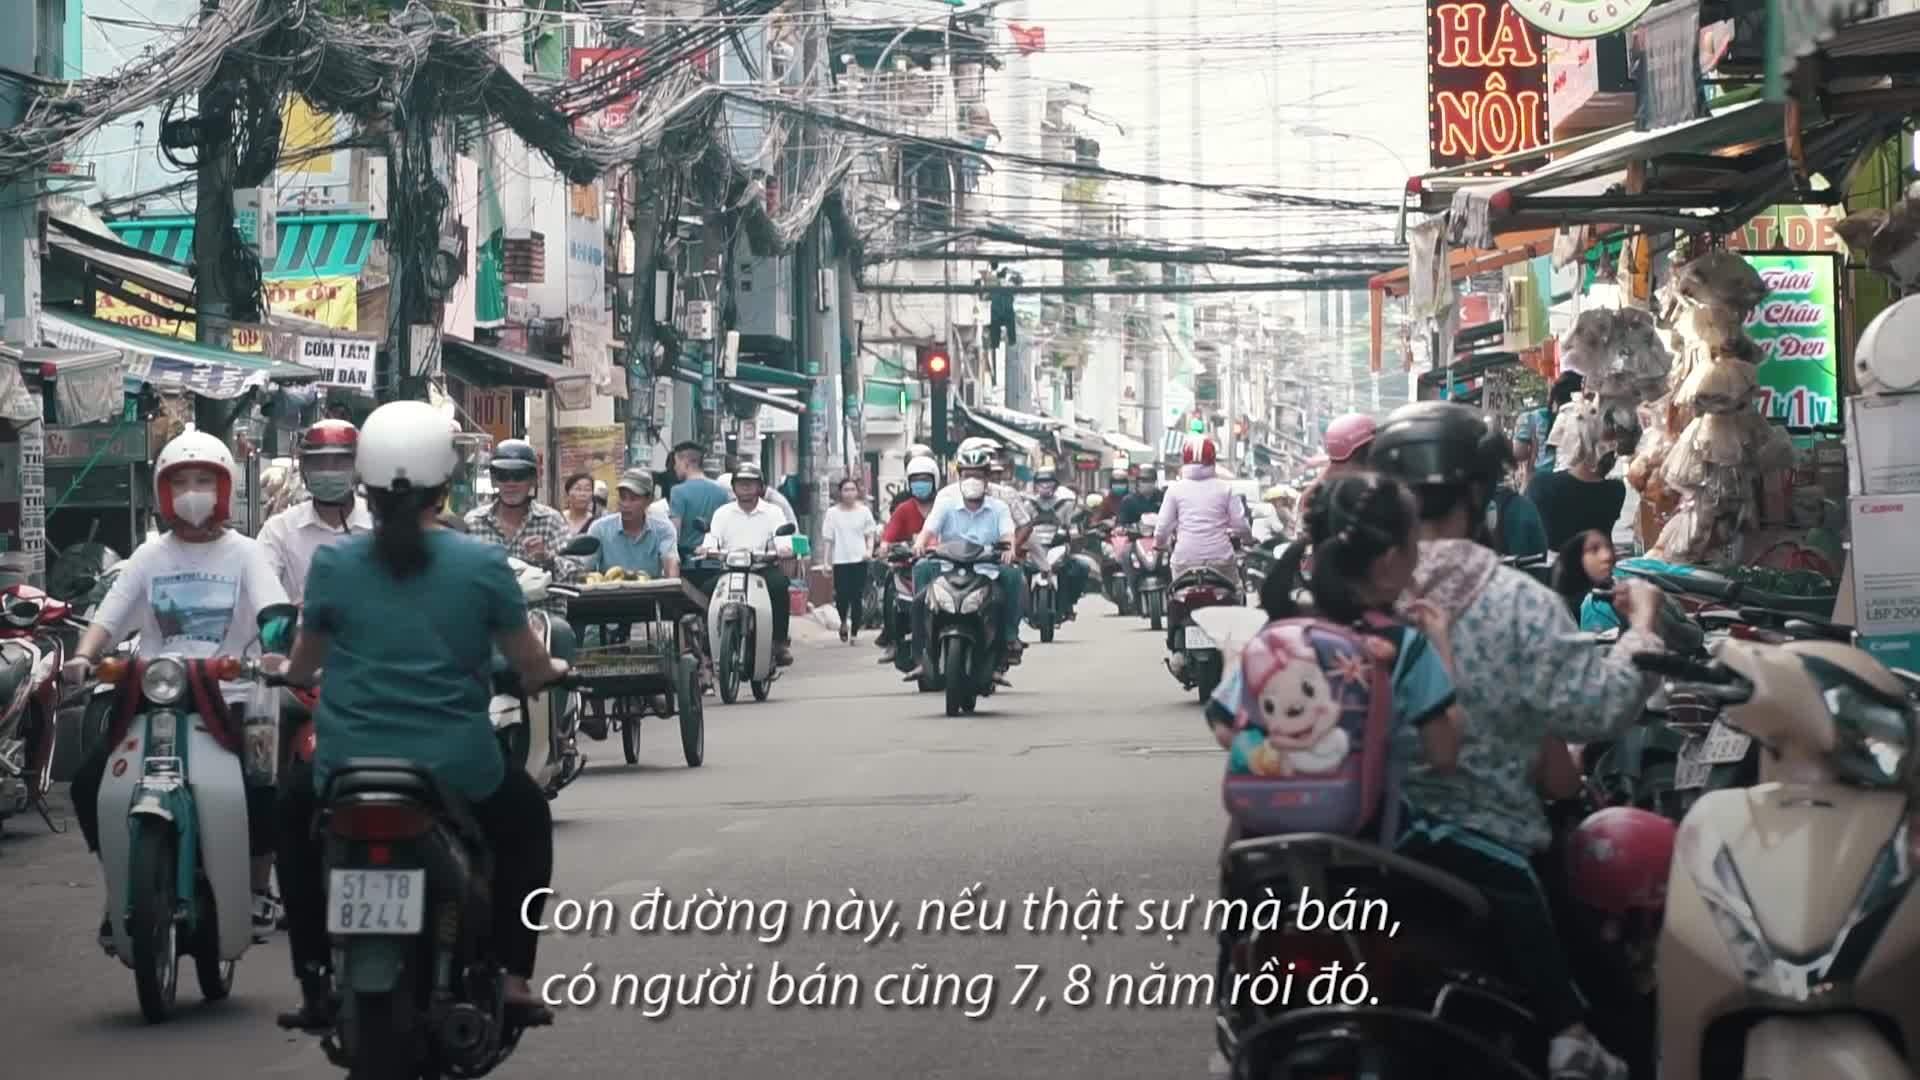 Chuyện về con đường bánh tráng trộn nổi tiếng nhất Sài Gòn